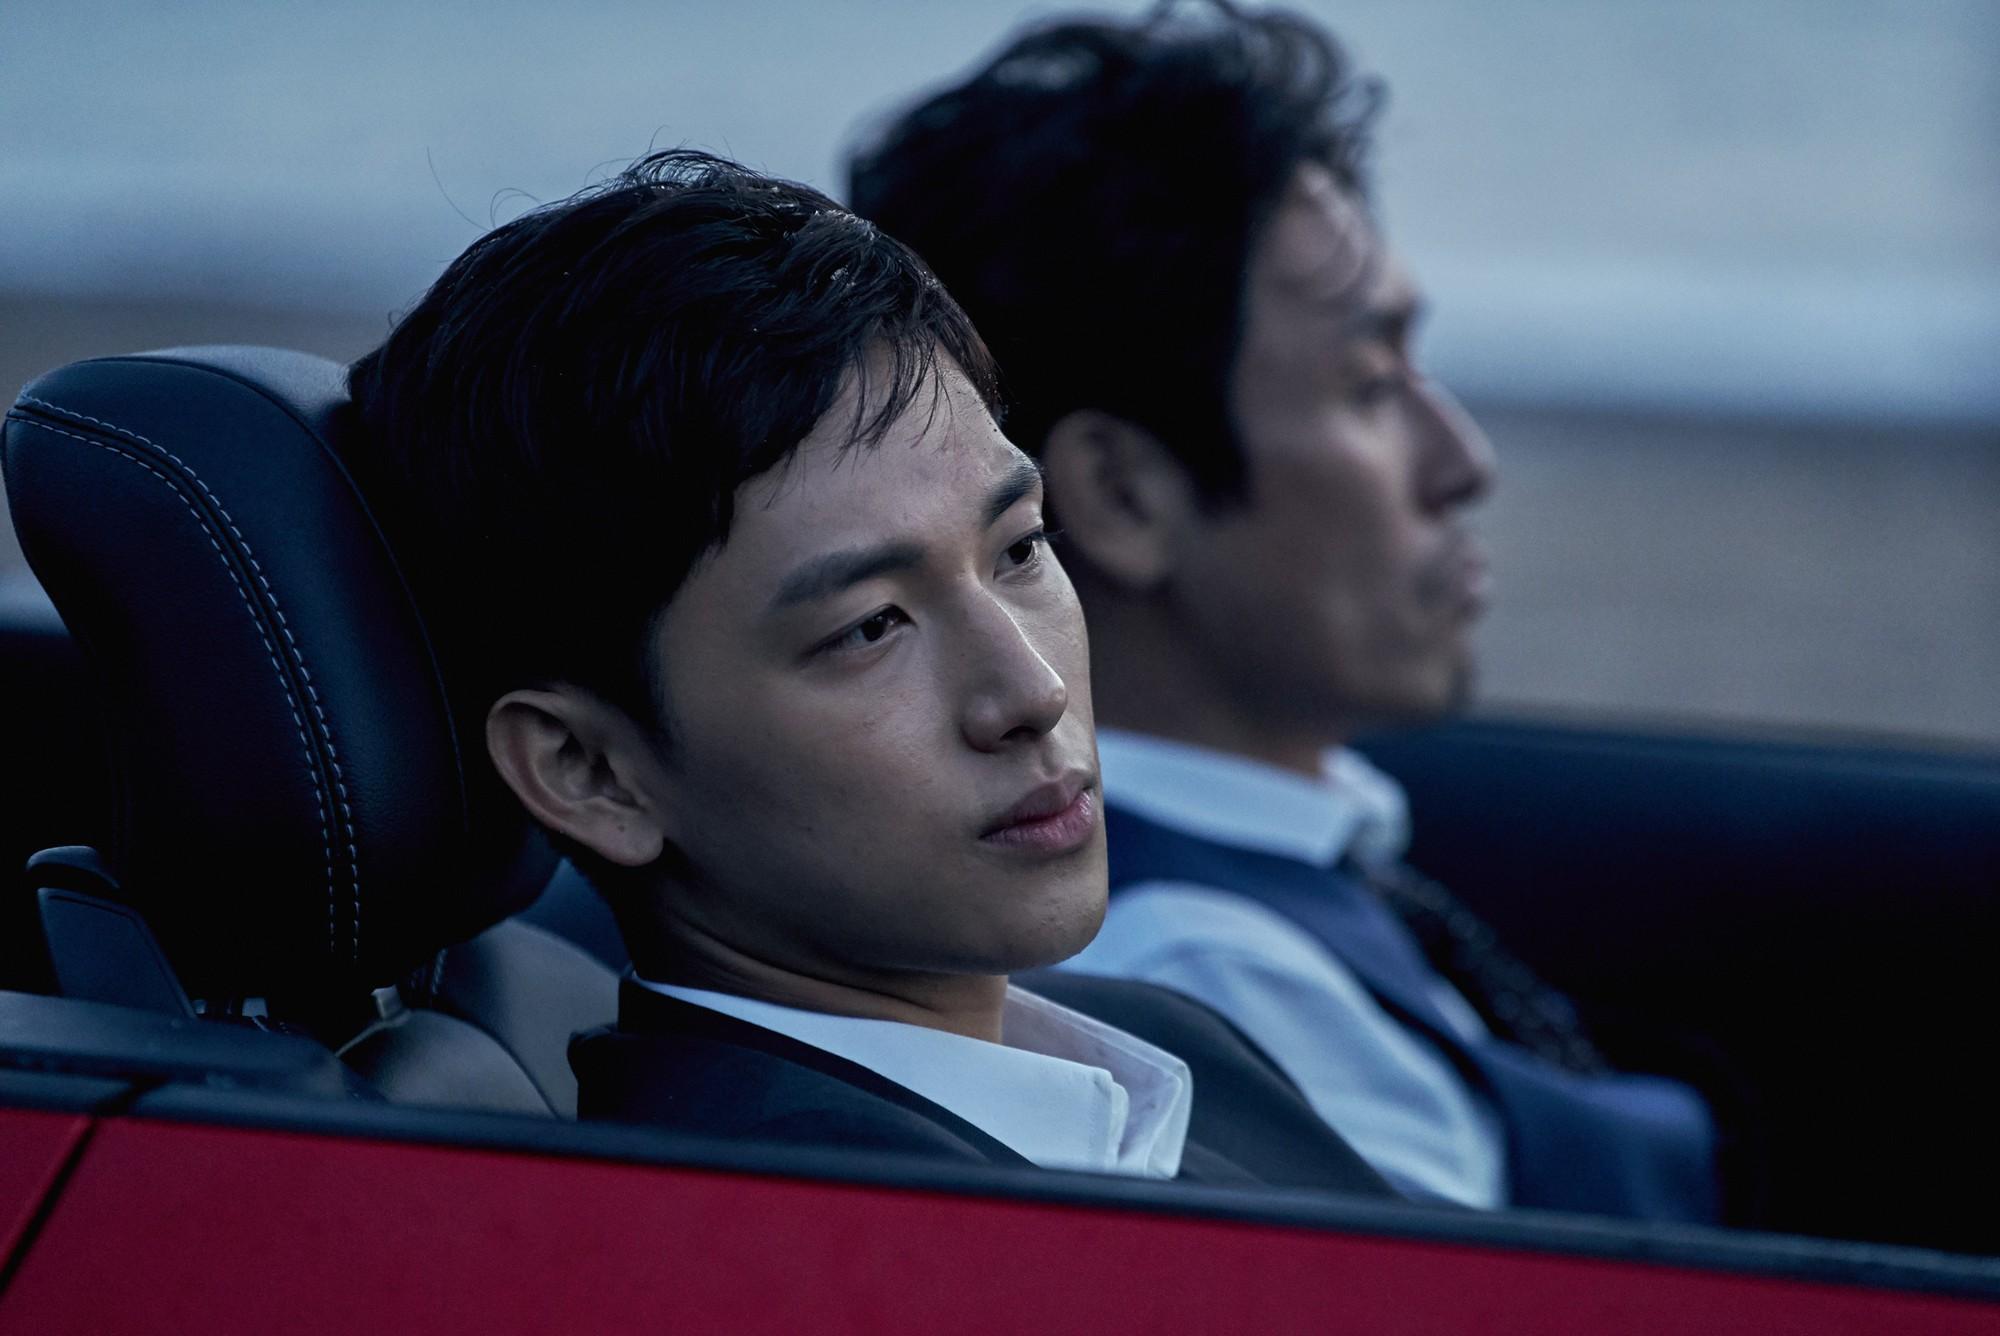 Hàng chục phim Hàn bị tẩy chay vì phốt: Đừng nghĩ cứ có scandal là phim càng hot! - Ảnh 1.